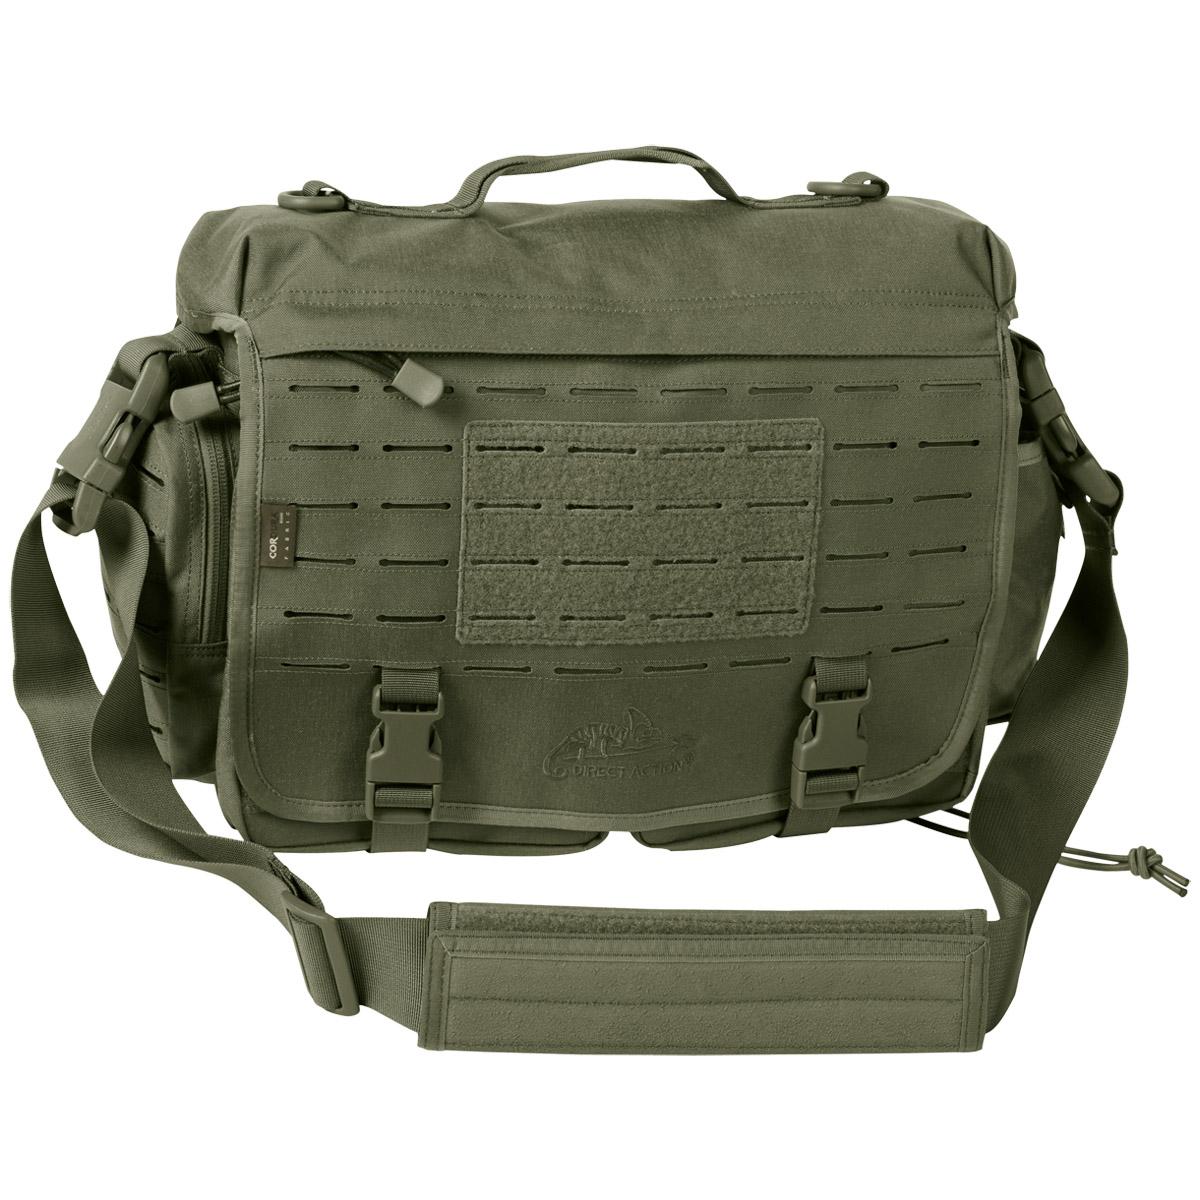 Sentinel Direct Action Military Messenger Bag Tactical Shoulder Pack Molle Olive Green Od